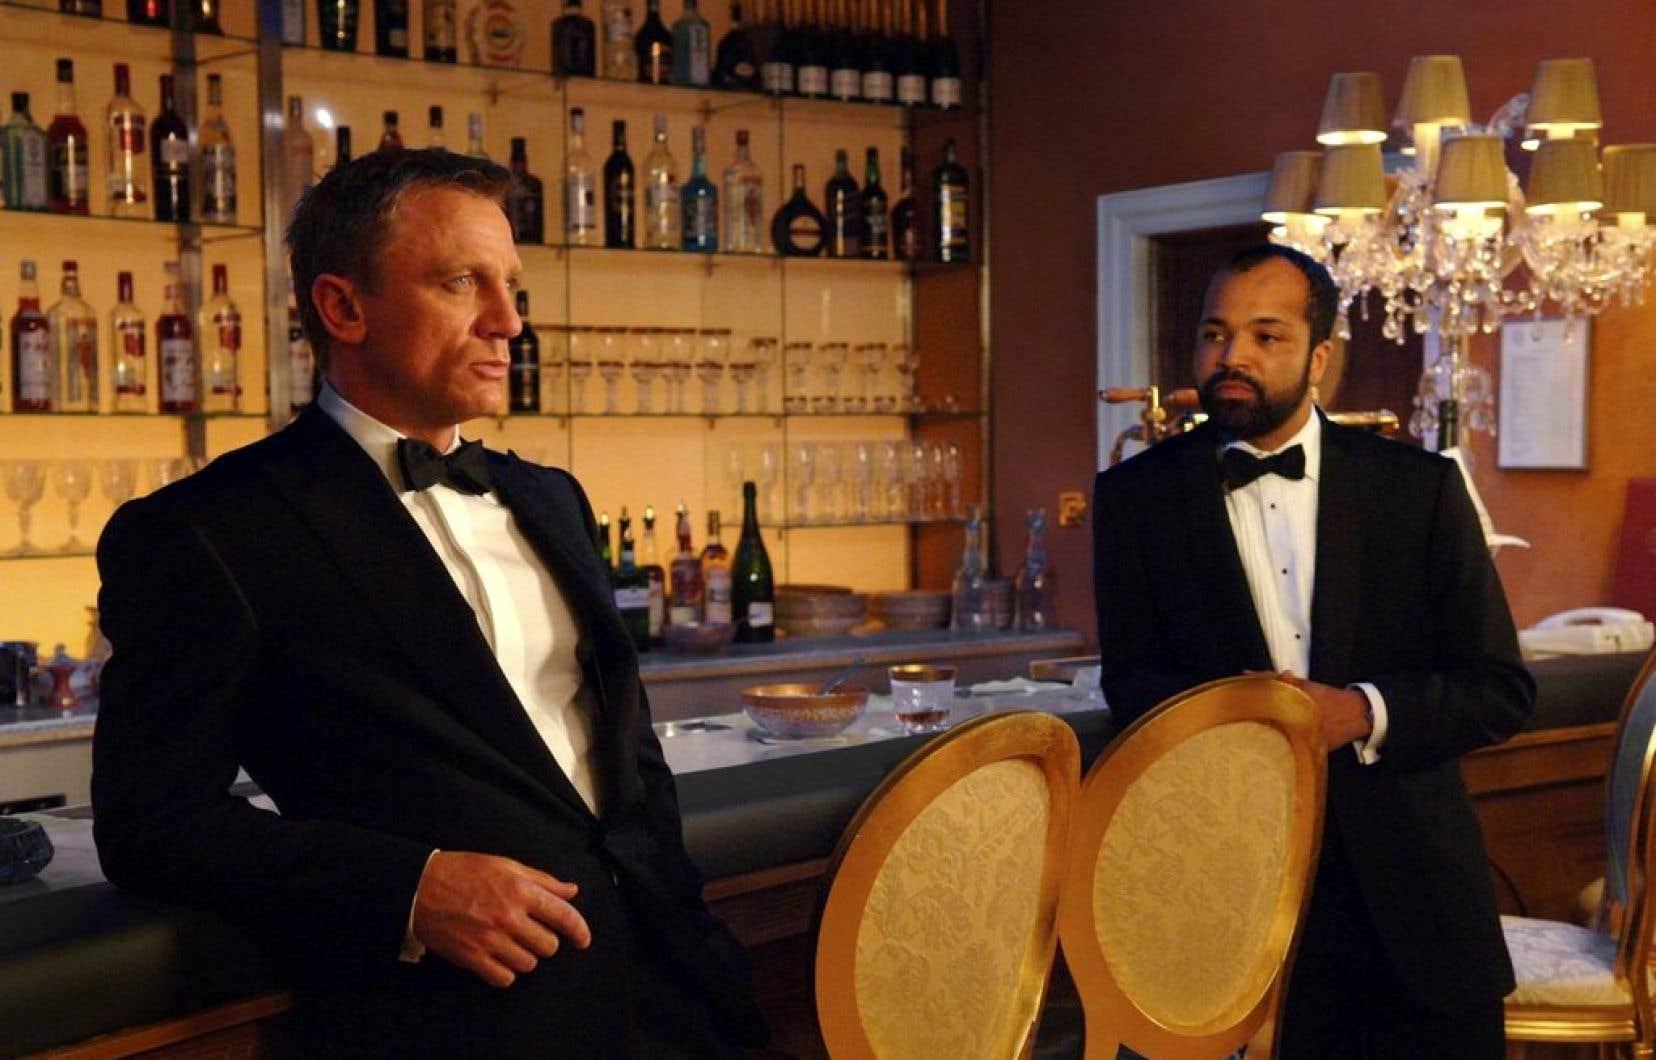 L'alcoolisme de James Bond, tel qu'il l'expose dans sa filmographie, est qualifié de «sévère».